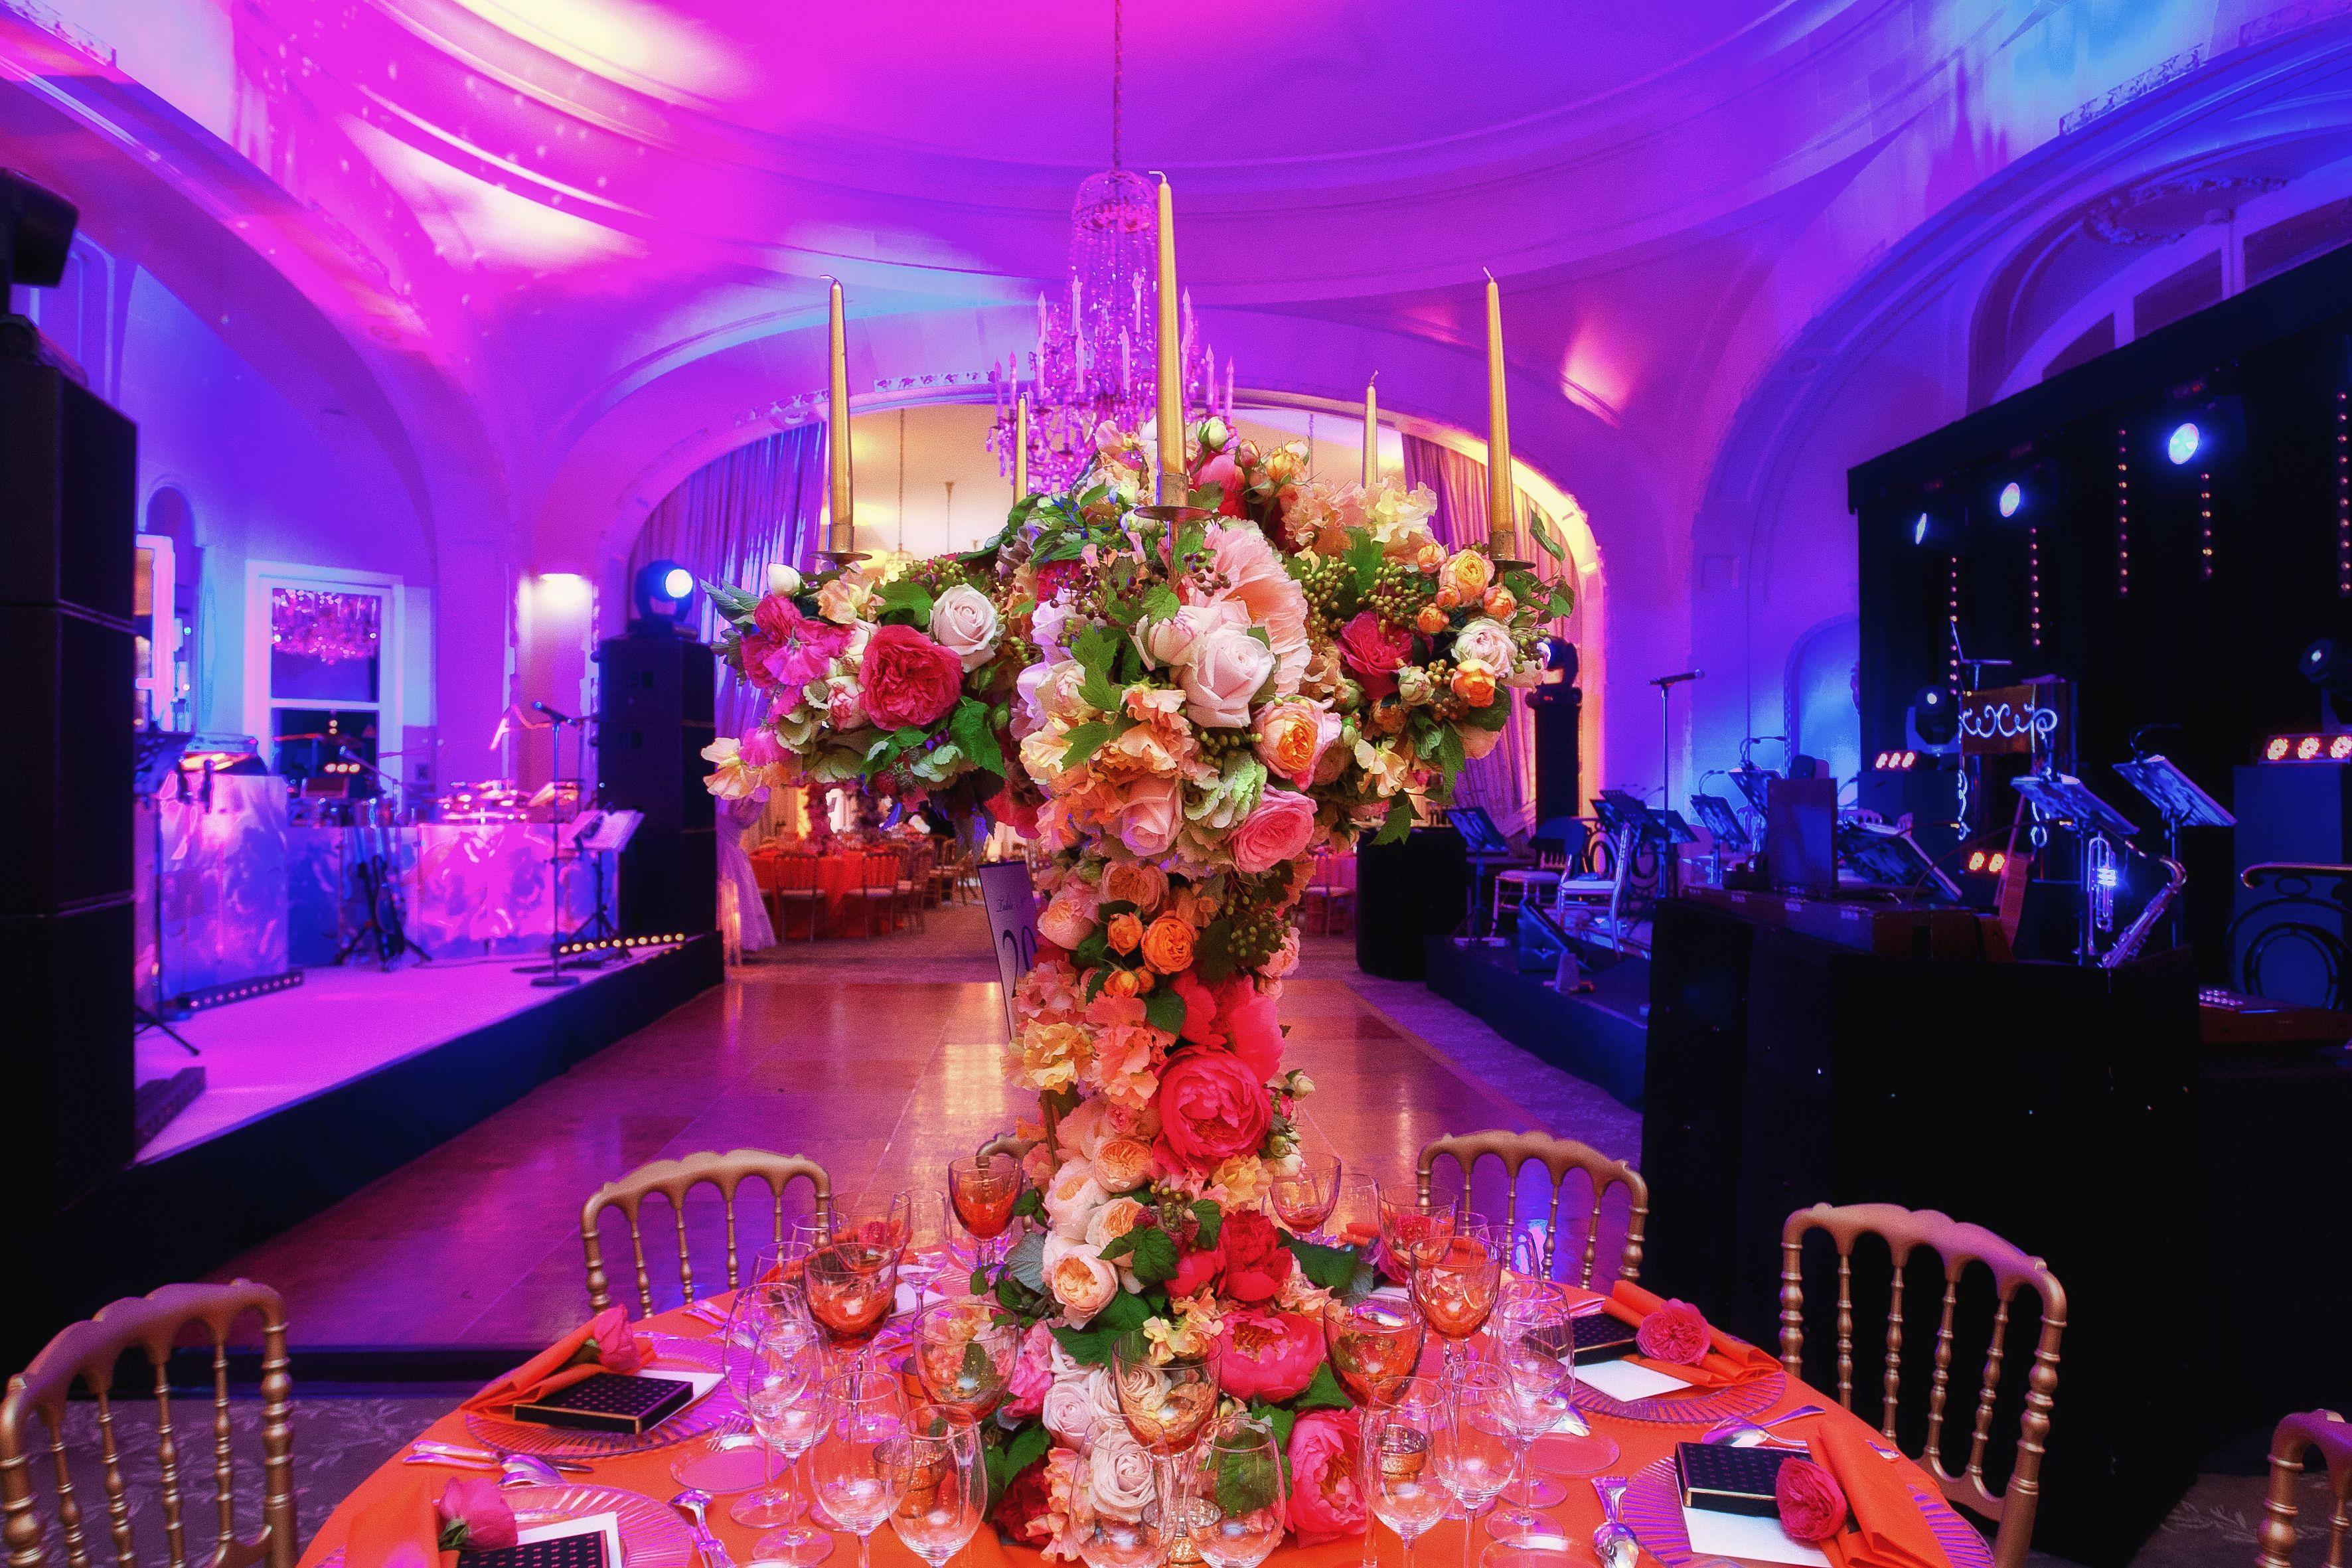 1000 images about mariage bois de boulogne on pinterest mariage paris and photos - Pr Catelan Mariage